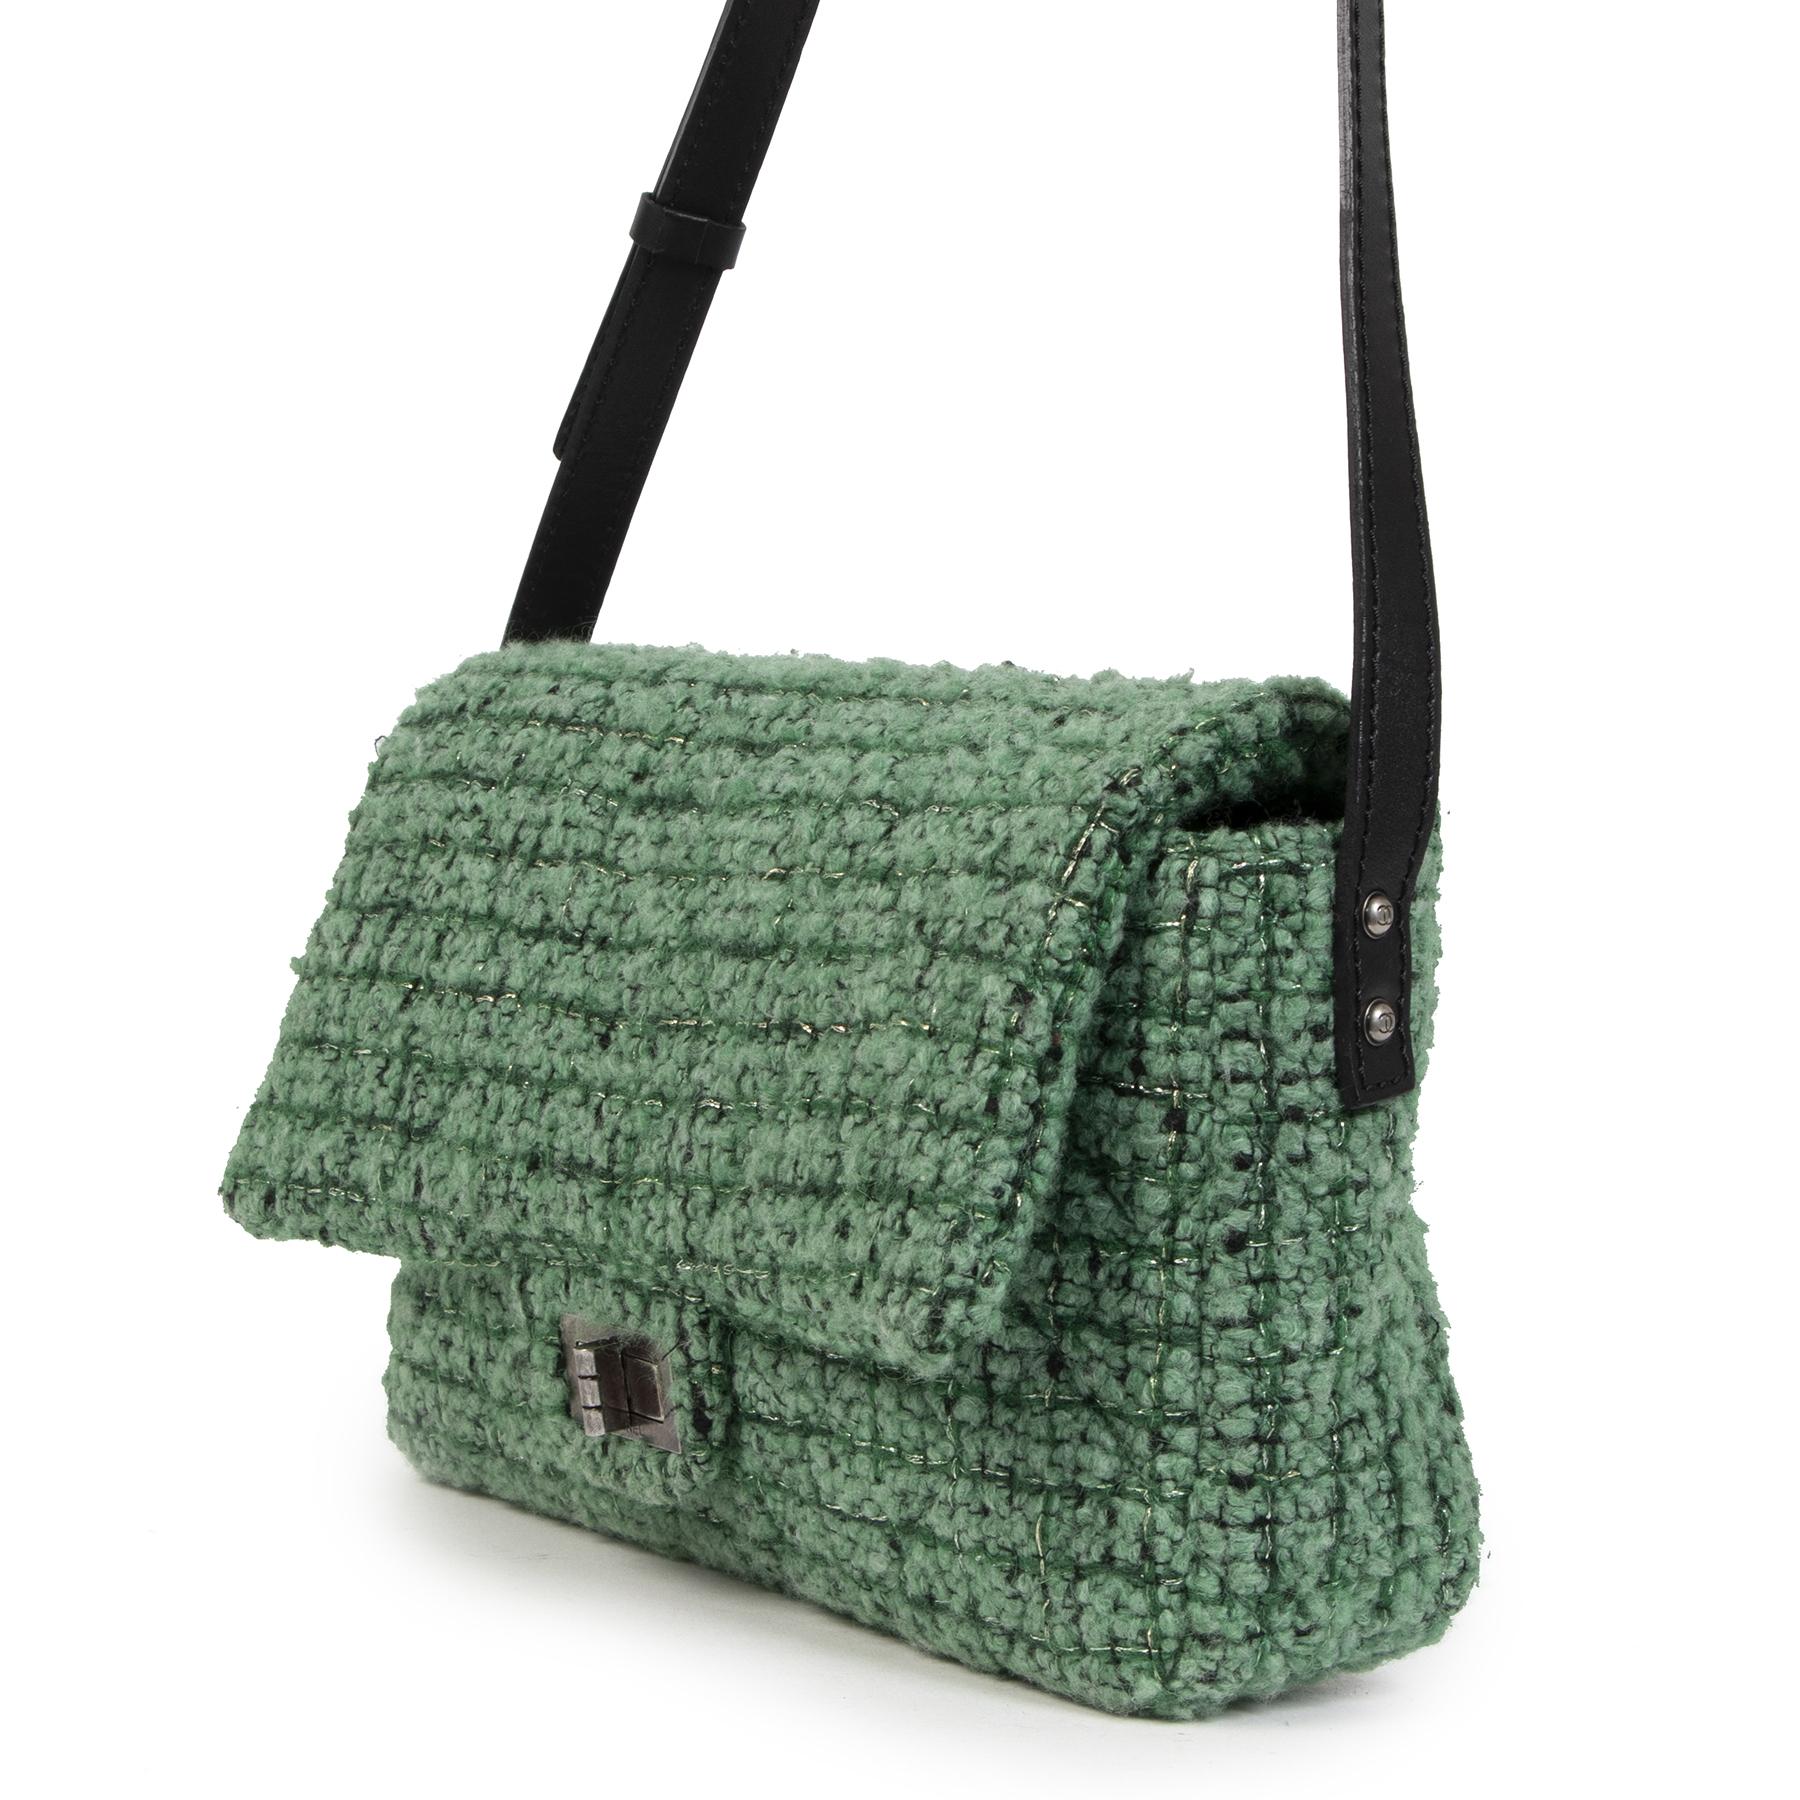 Koop Chanel Green Wool Fabric Flap Bag aan de juiste prijs in alle veiligheid online LabelLOV luxe merken Antwerpen België